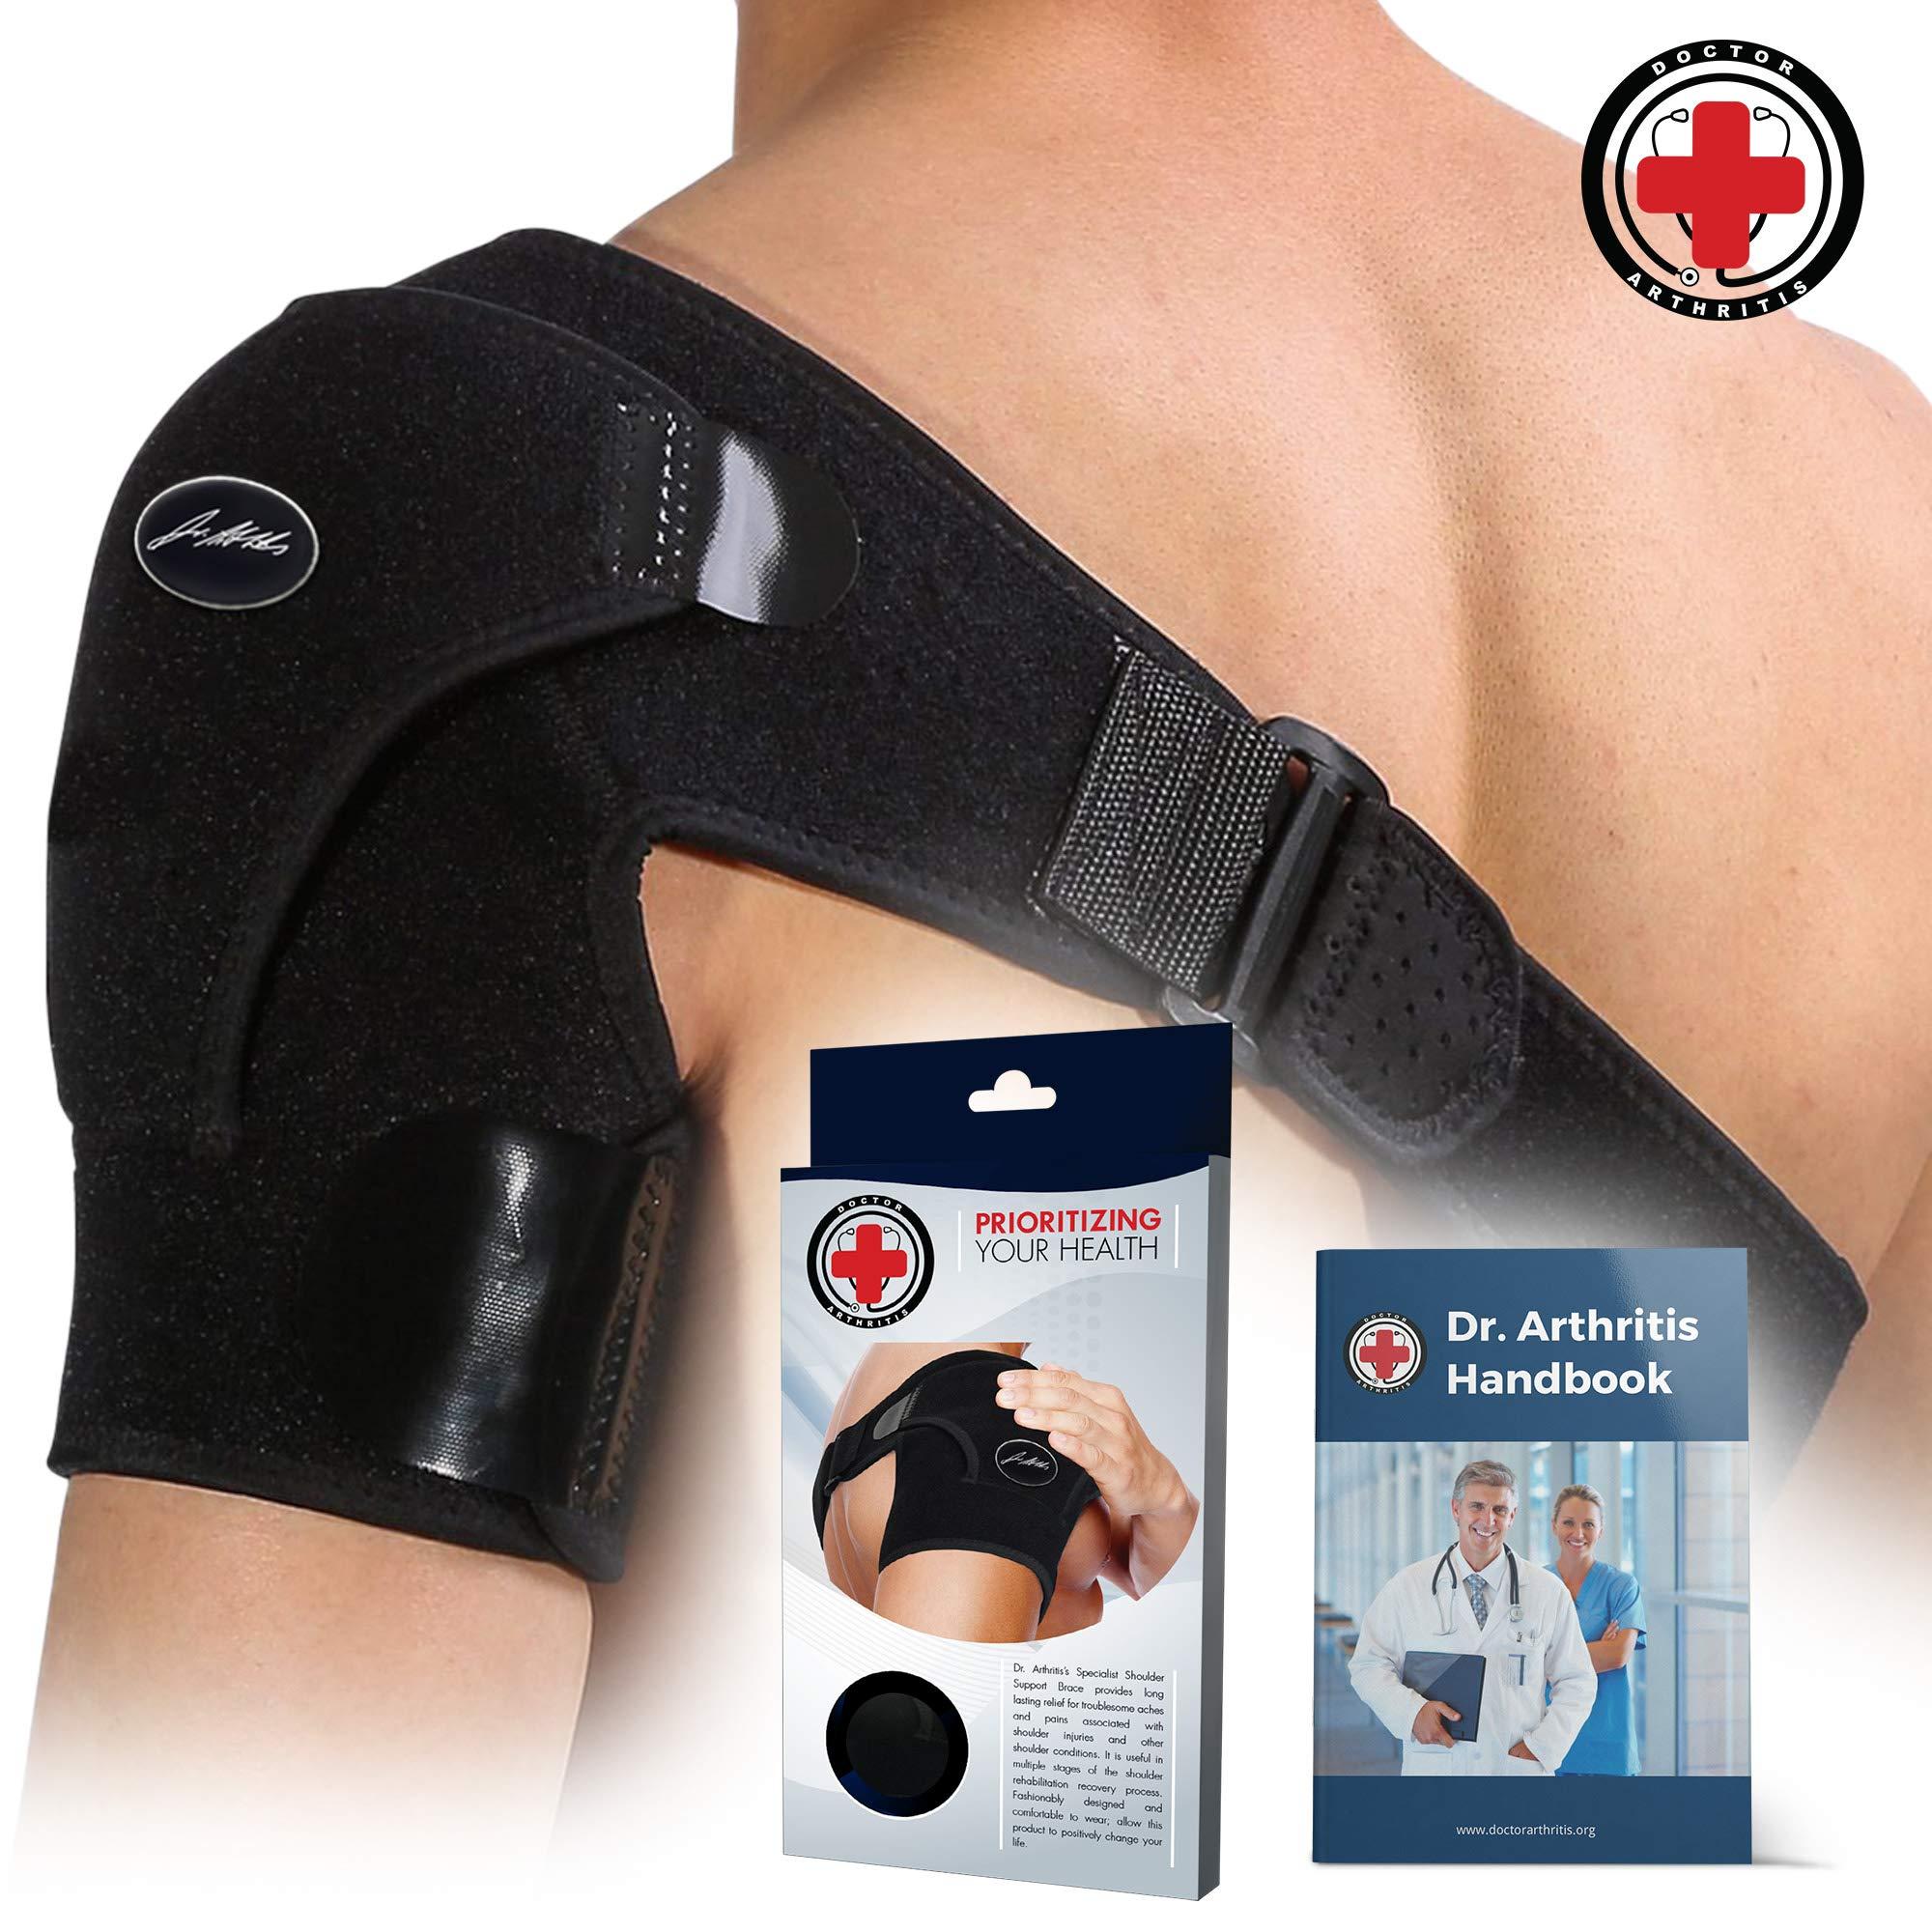 Doctor Developed Shoulder Support/Shoulder Strap/Shoulder Brace [Single] & Doctor Written Handbook - Relief for Shoulder Injuries, for Both Left & Right by Dr. Arthritis